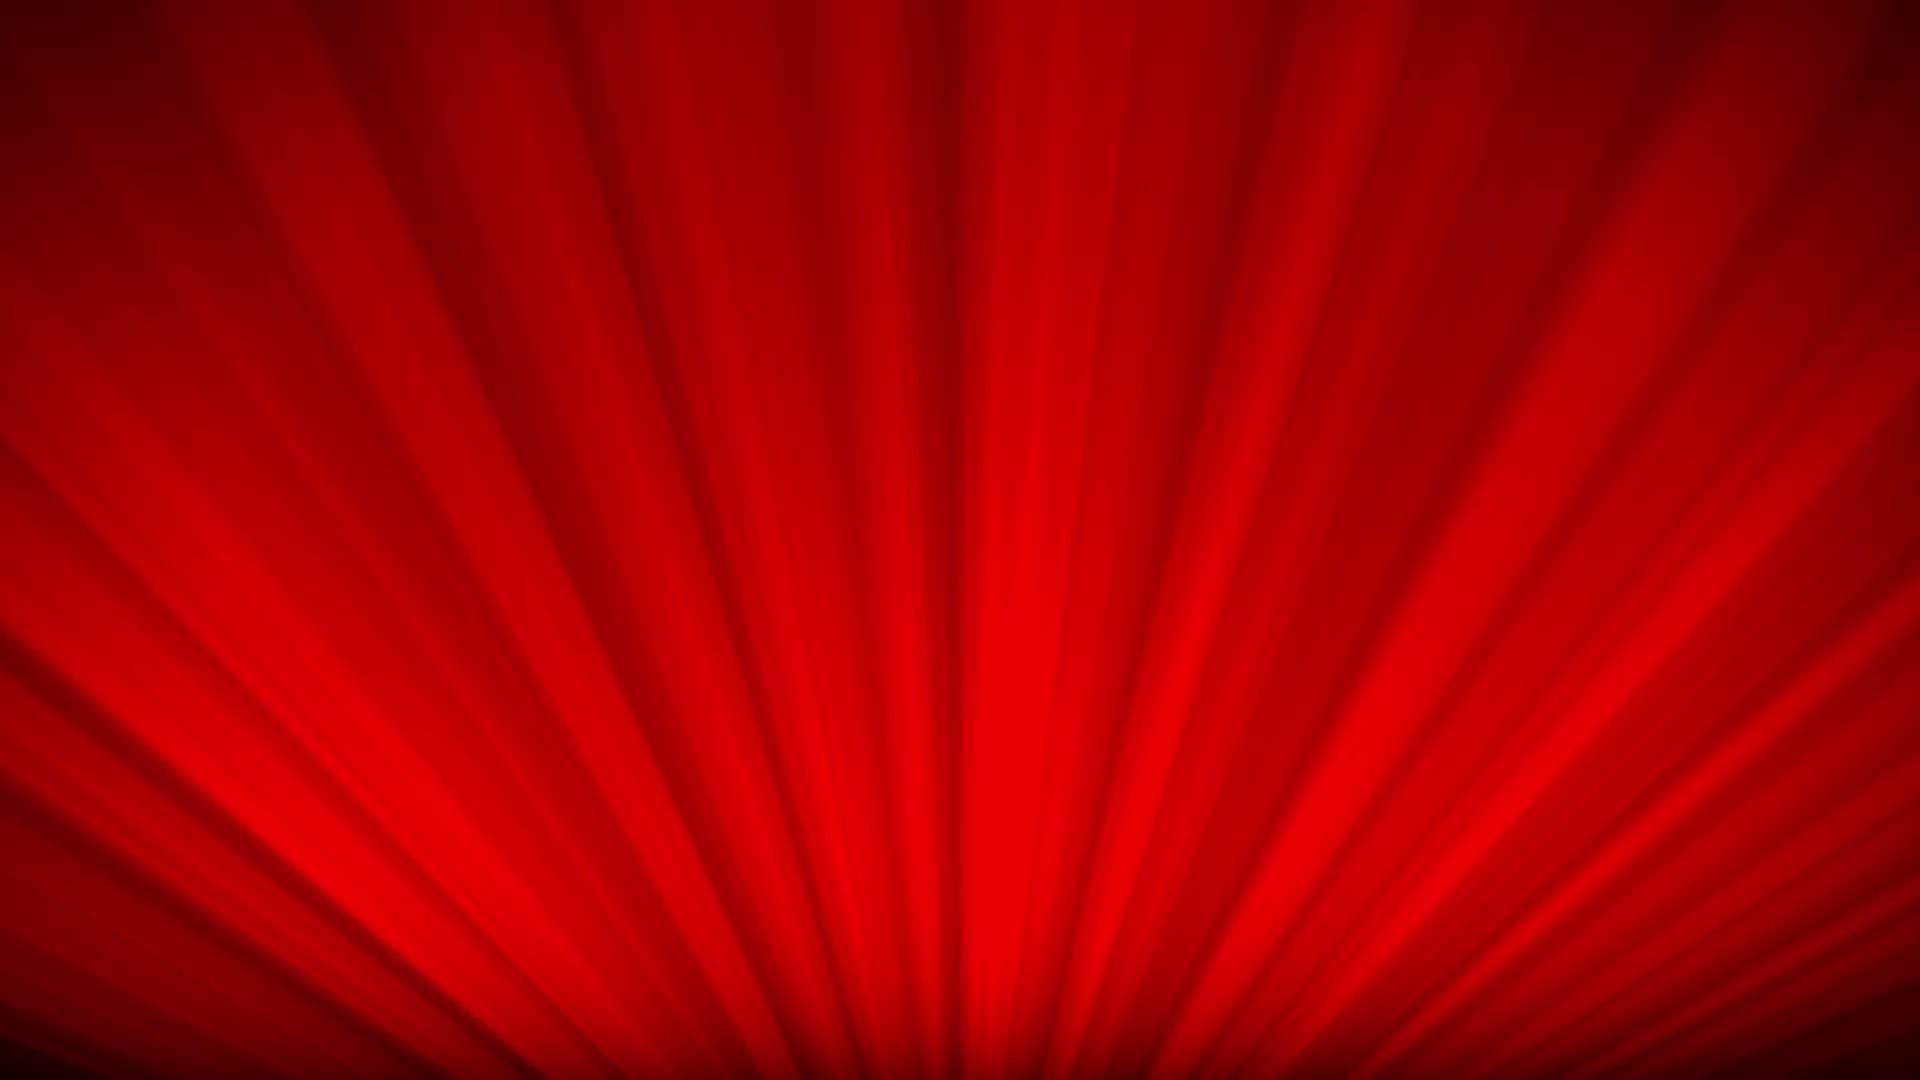 Download Desktop Background Red